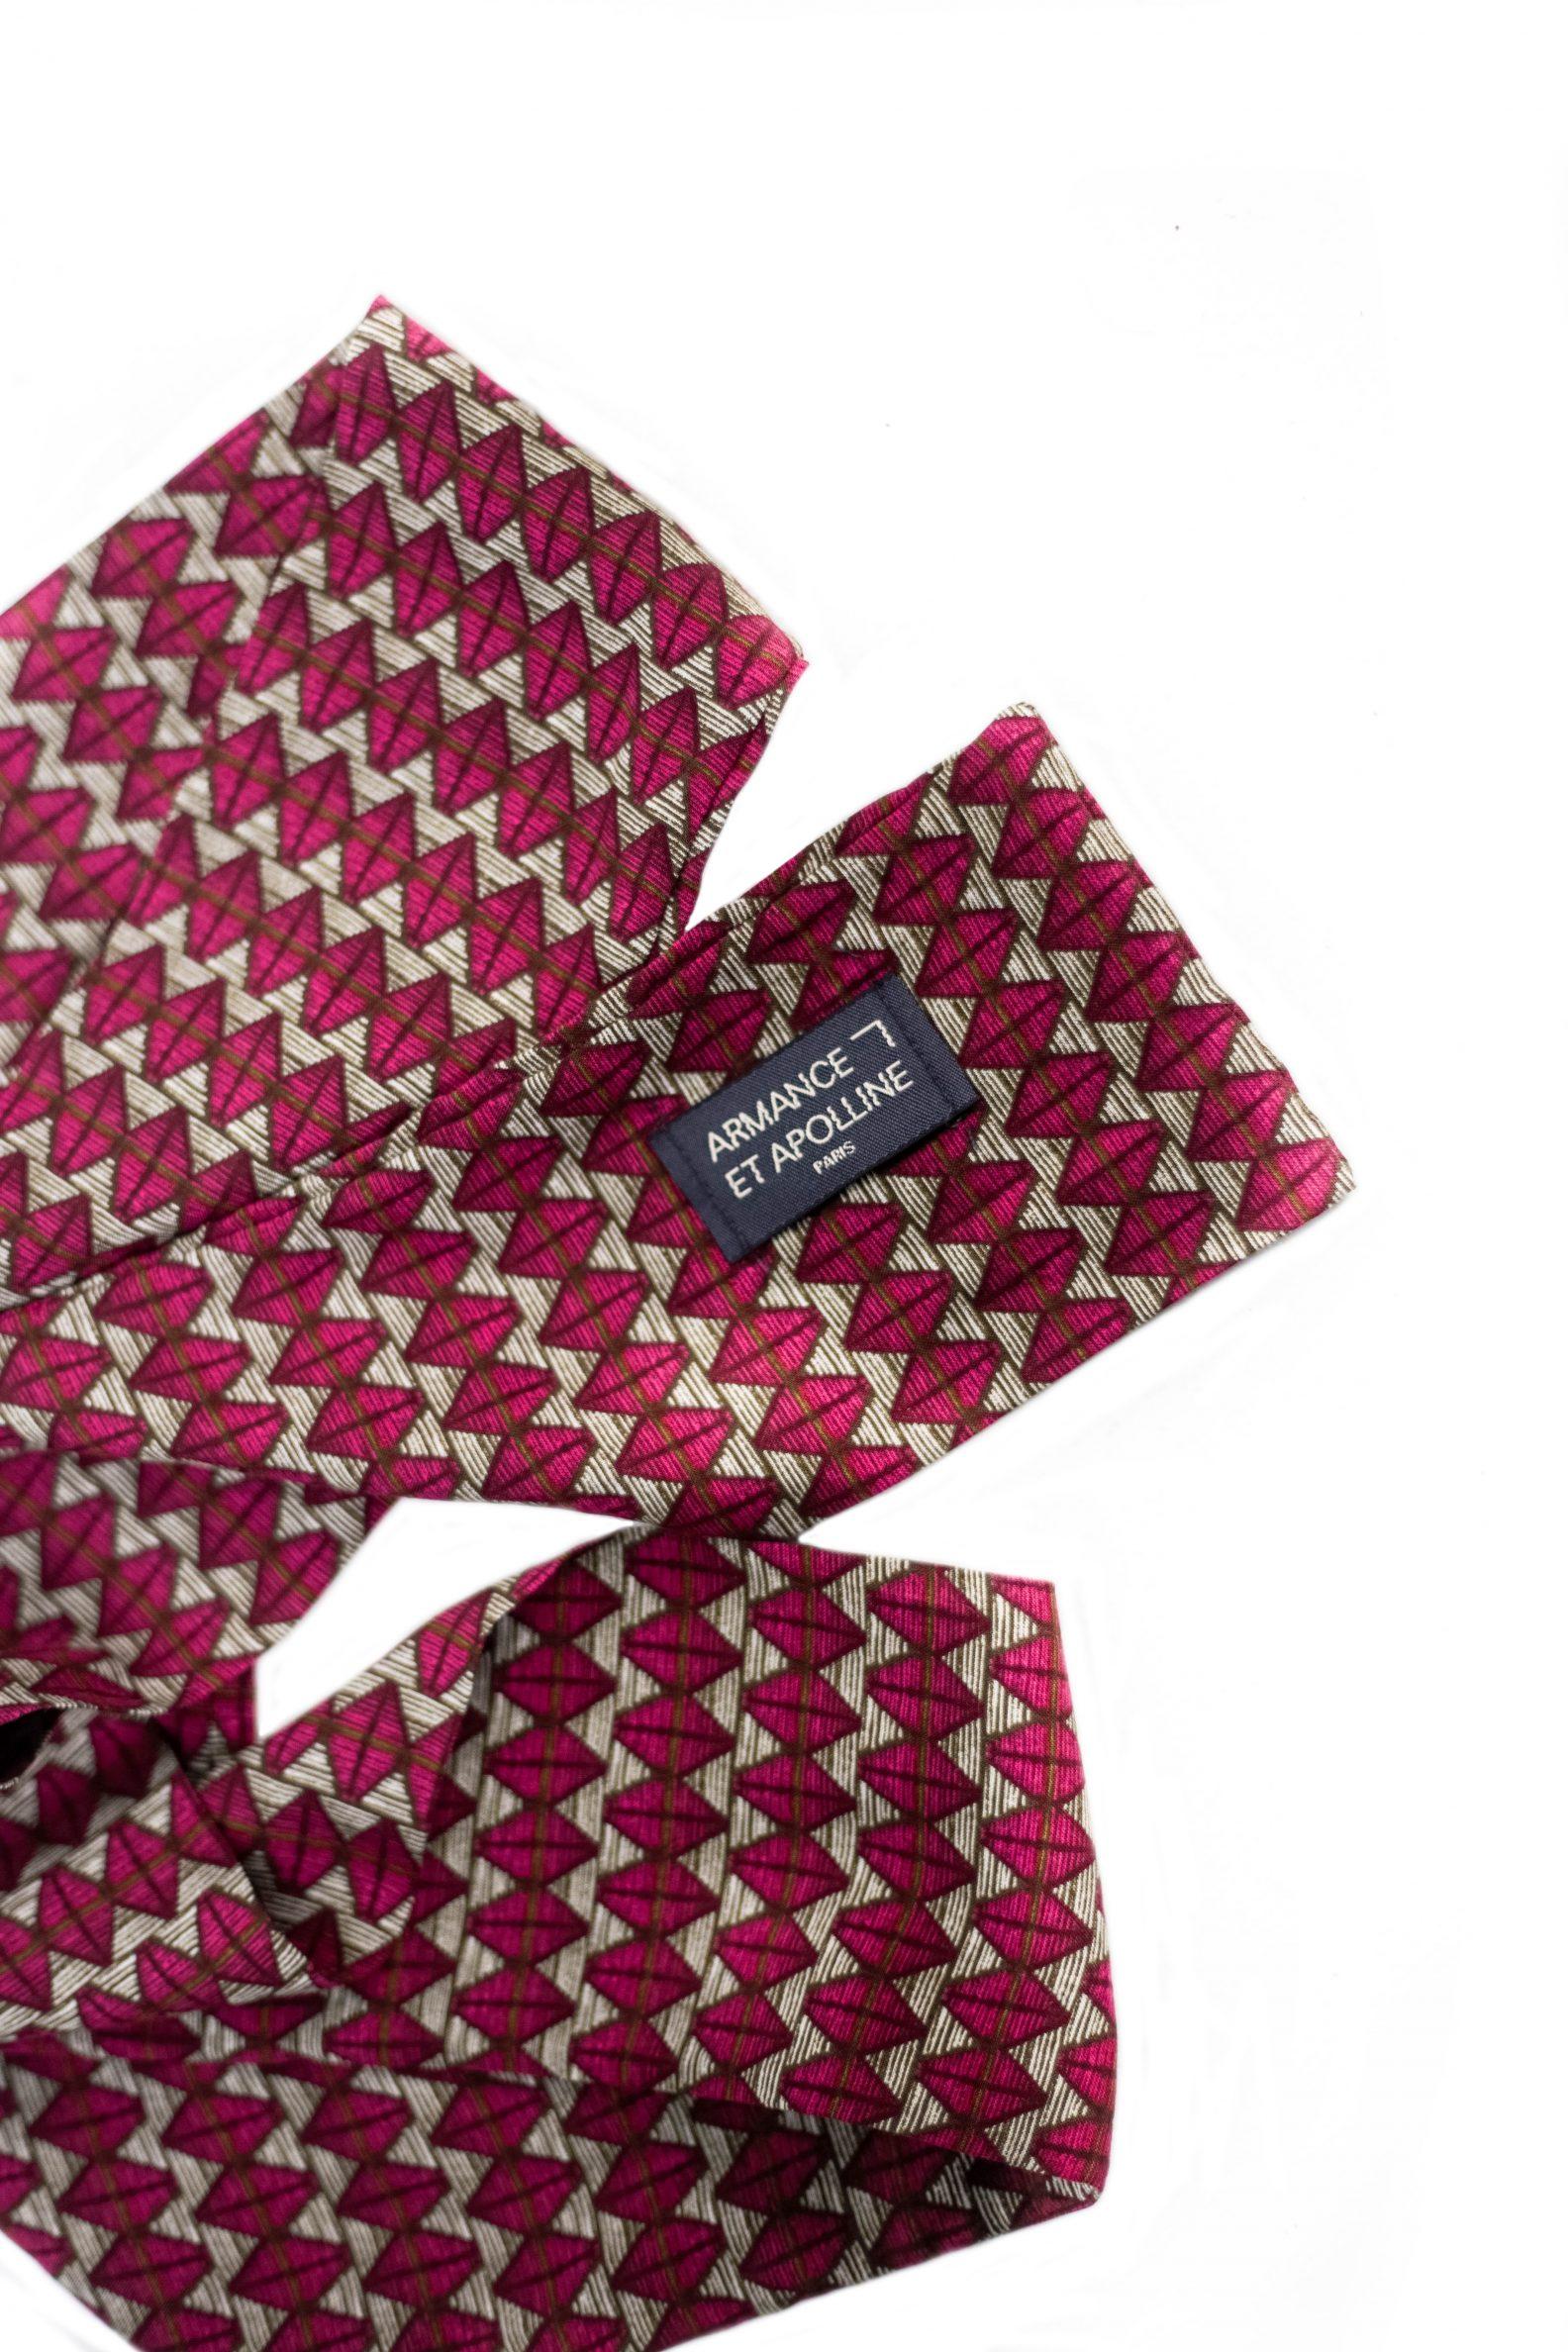 1-foulard-affaires-etrangeres-artisanat-upcycling-label-fabrique-a-paris